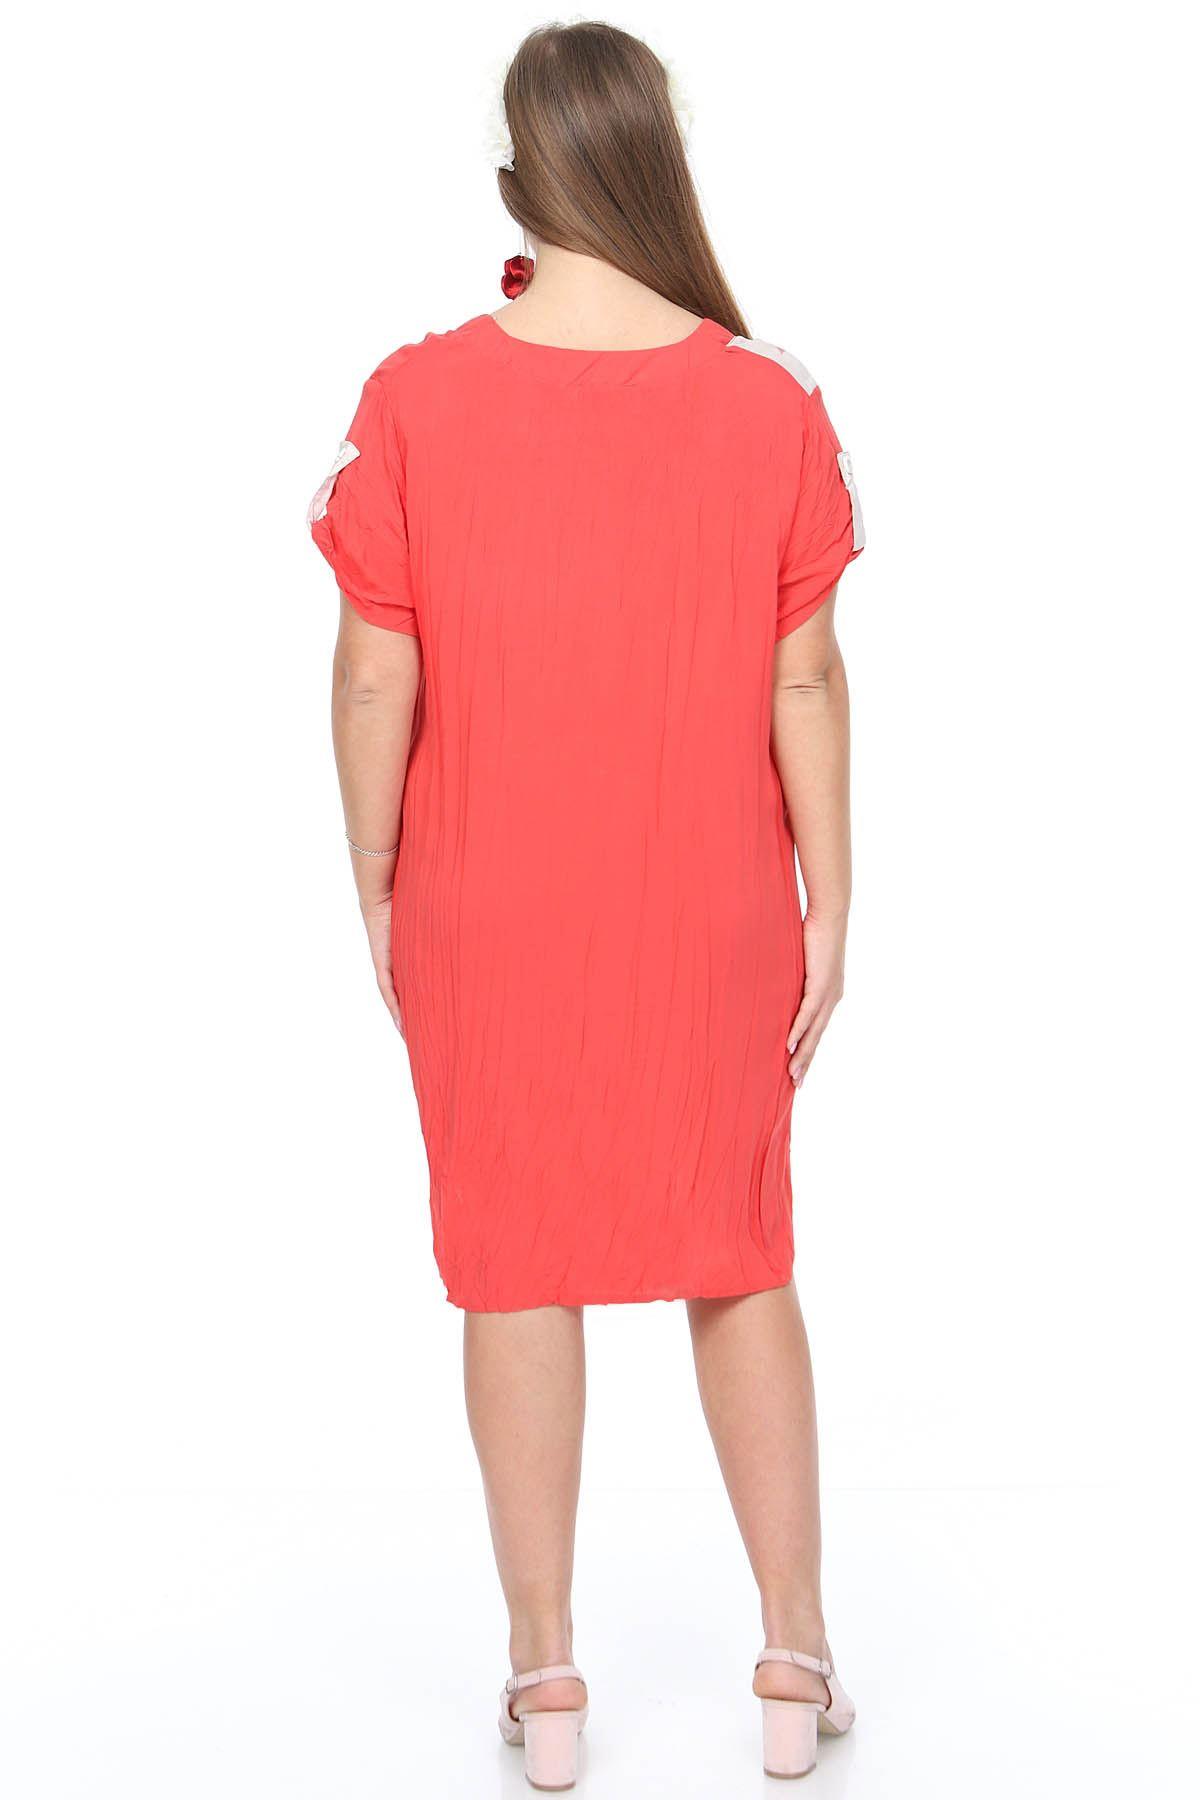 Bej Mercan Baskılı Büyük Beden Elbise 15E-0888